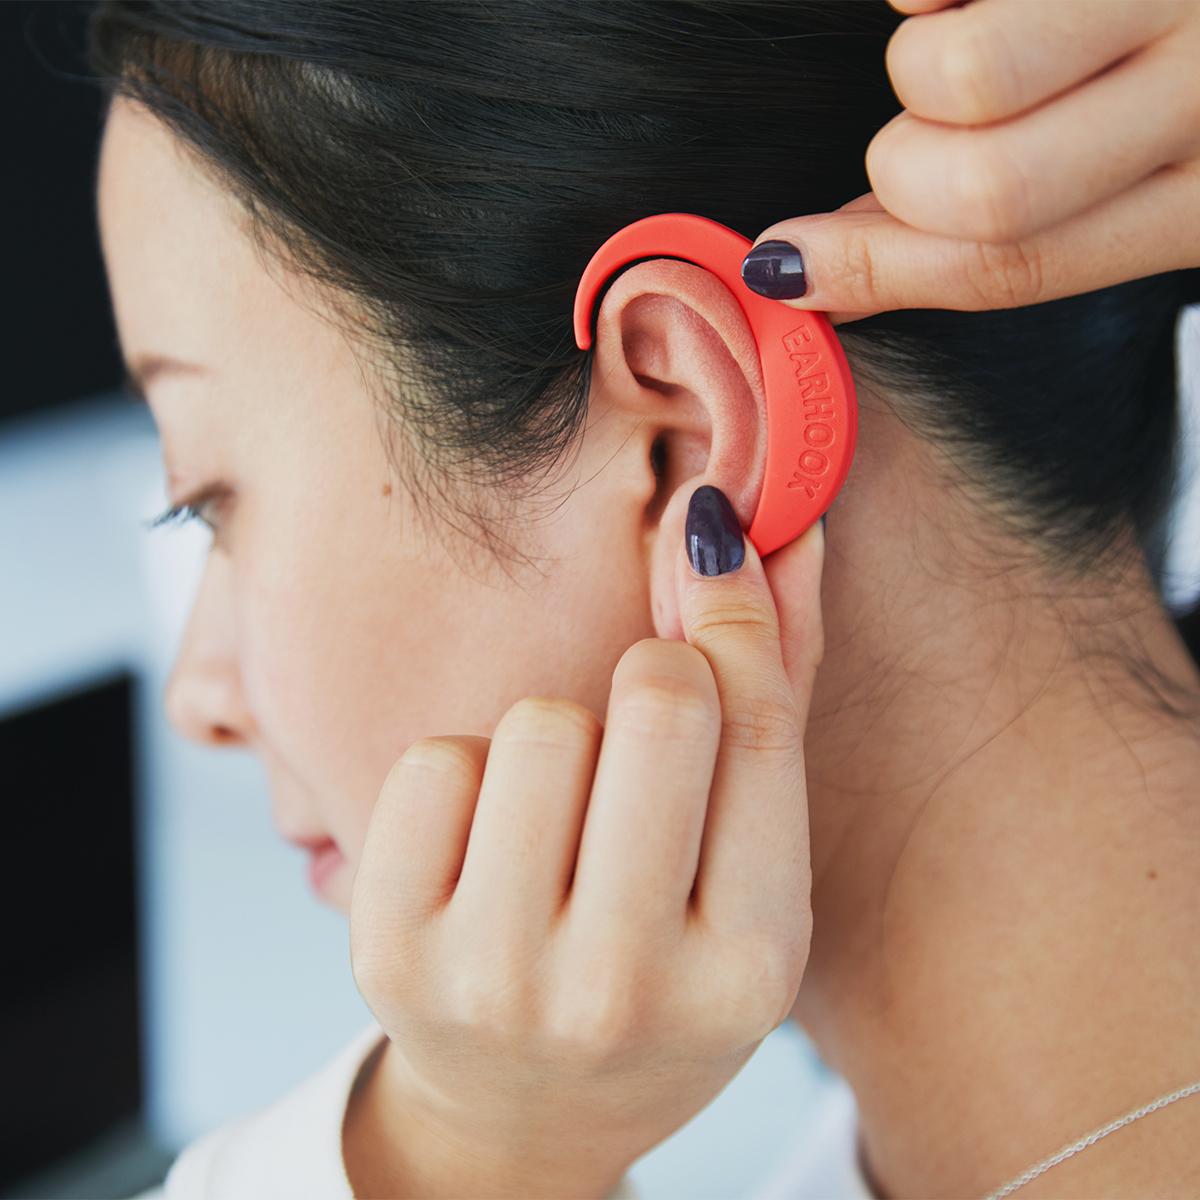 装着しているだけで、いつの間にか、肩こりや目の疲れを忘れている|ネオジム磁石で耳裏のツボを刺激。EARHOOK(イヤーフック)